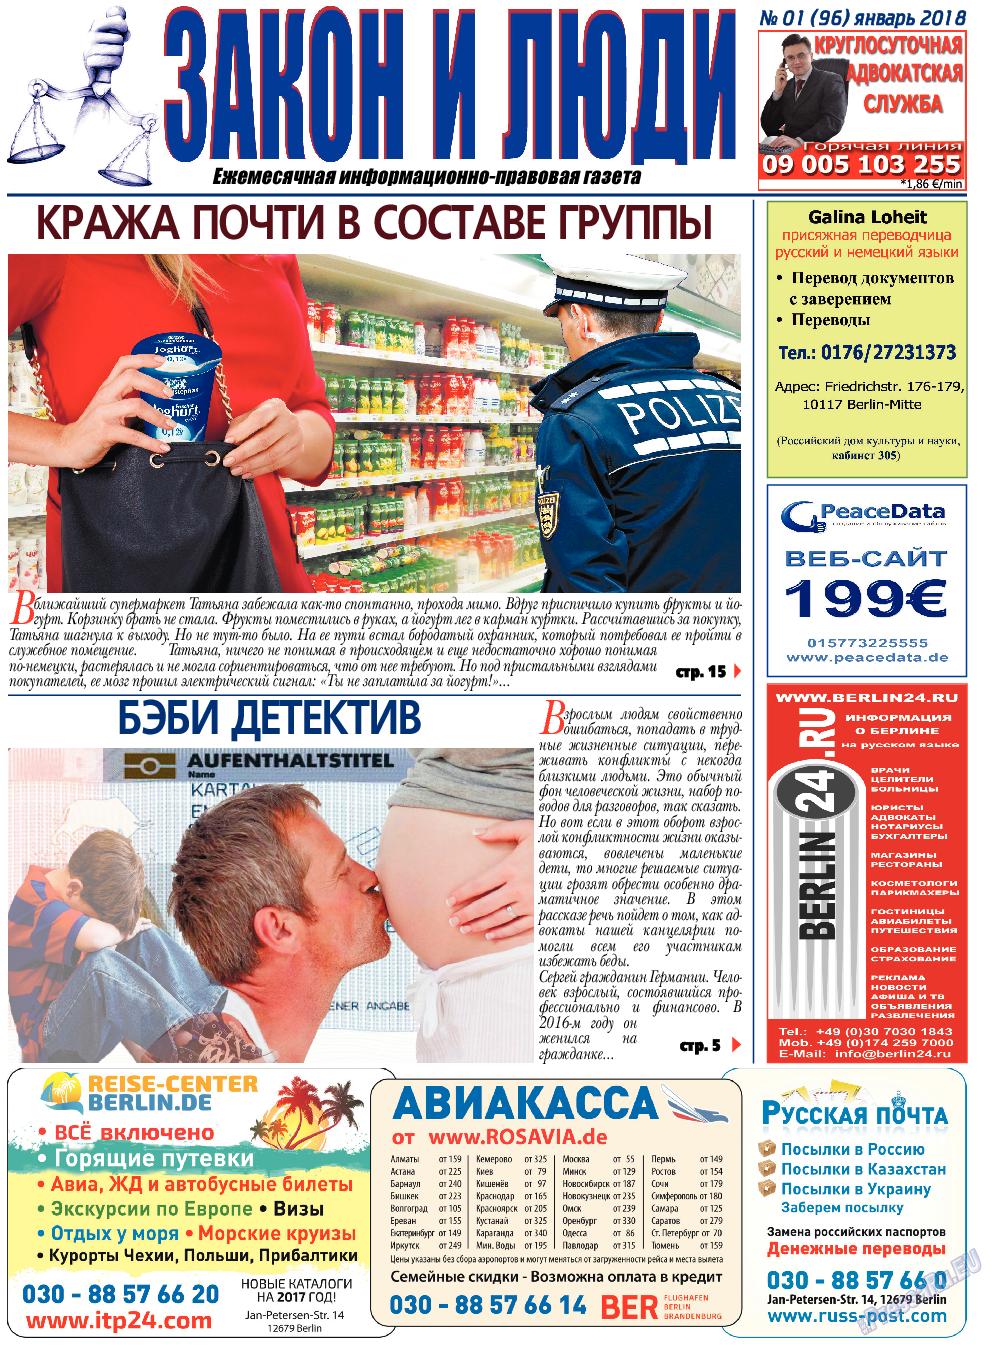 Закон и люди (газета). 2018 год, номер 1, стр. 1